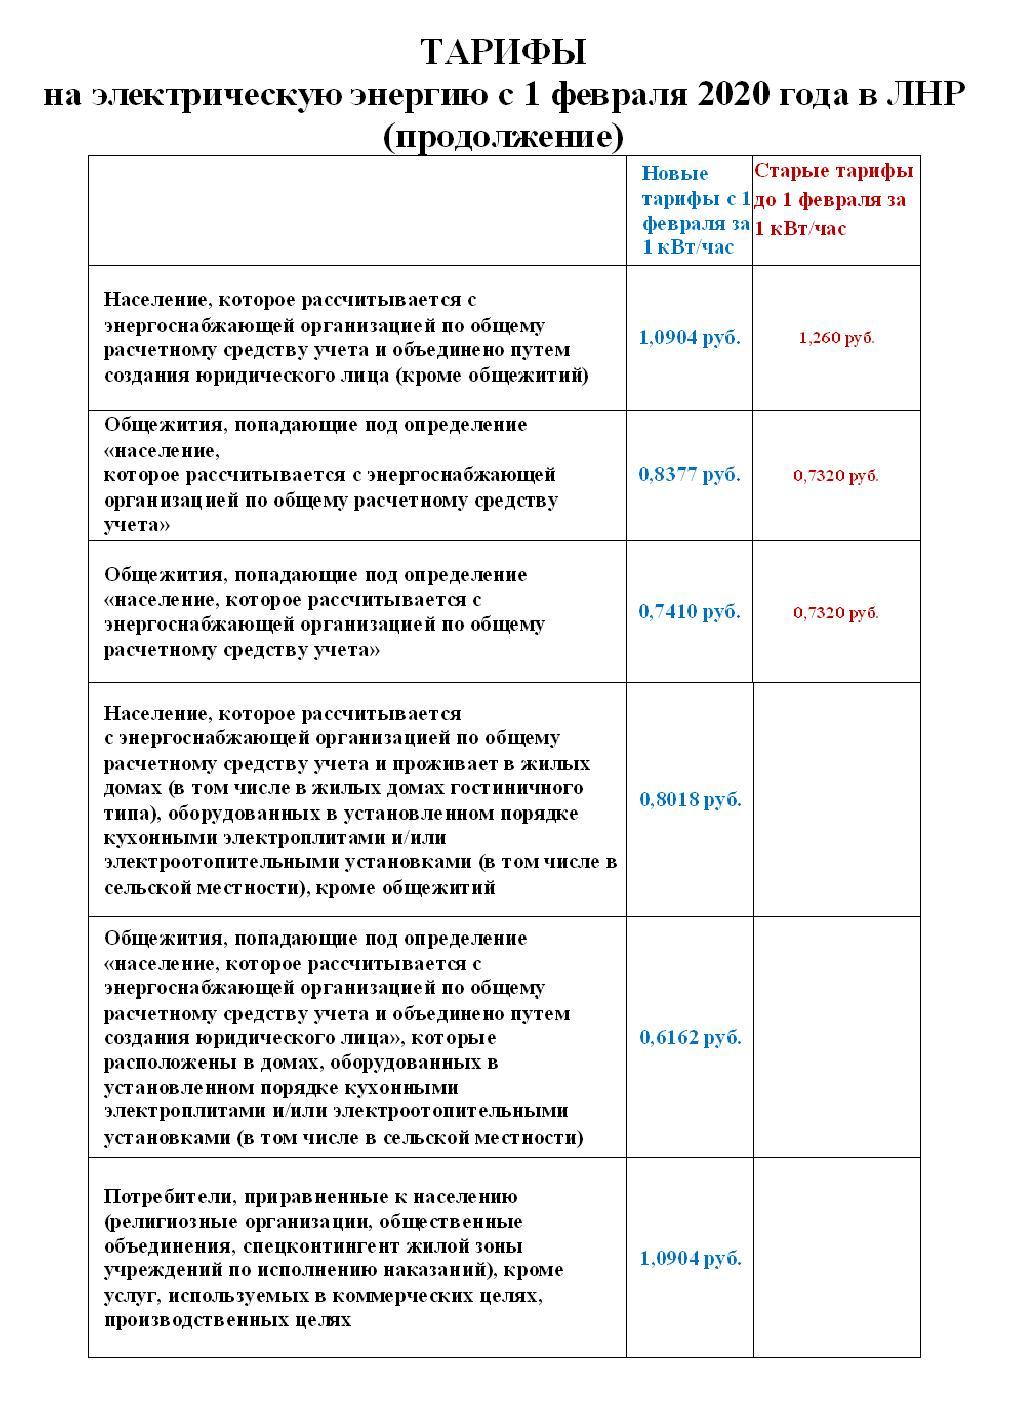 Тарифы на электроэнергию для московской области с 1 июля 2020 года ⋆ тарифы-24!